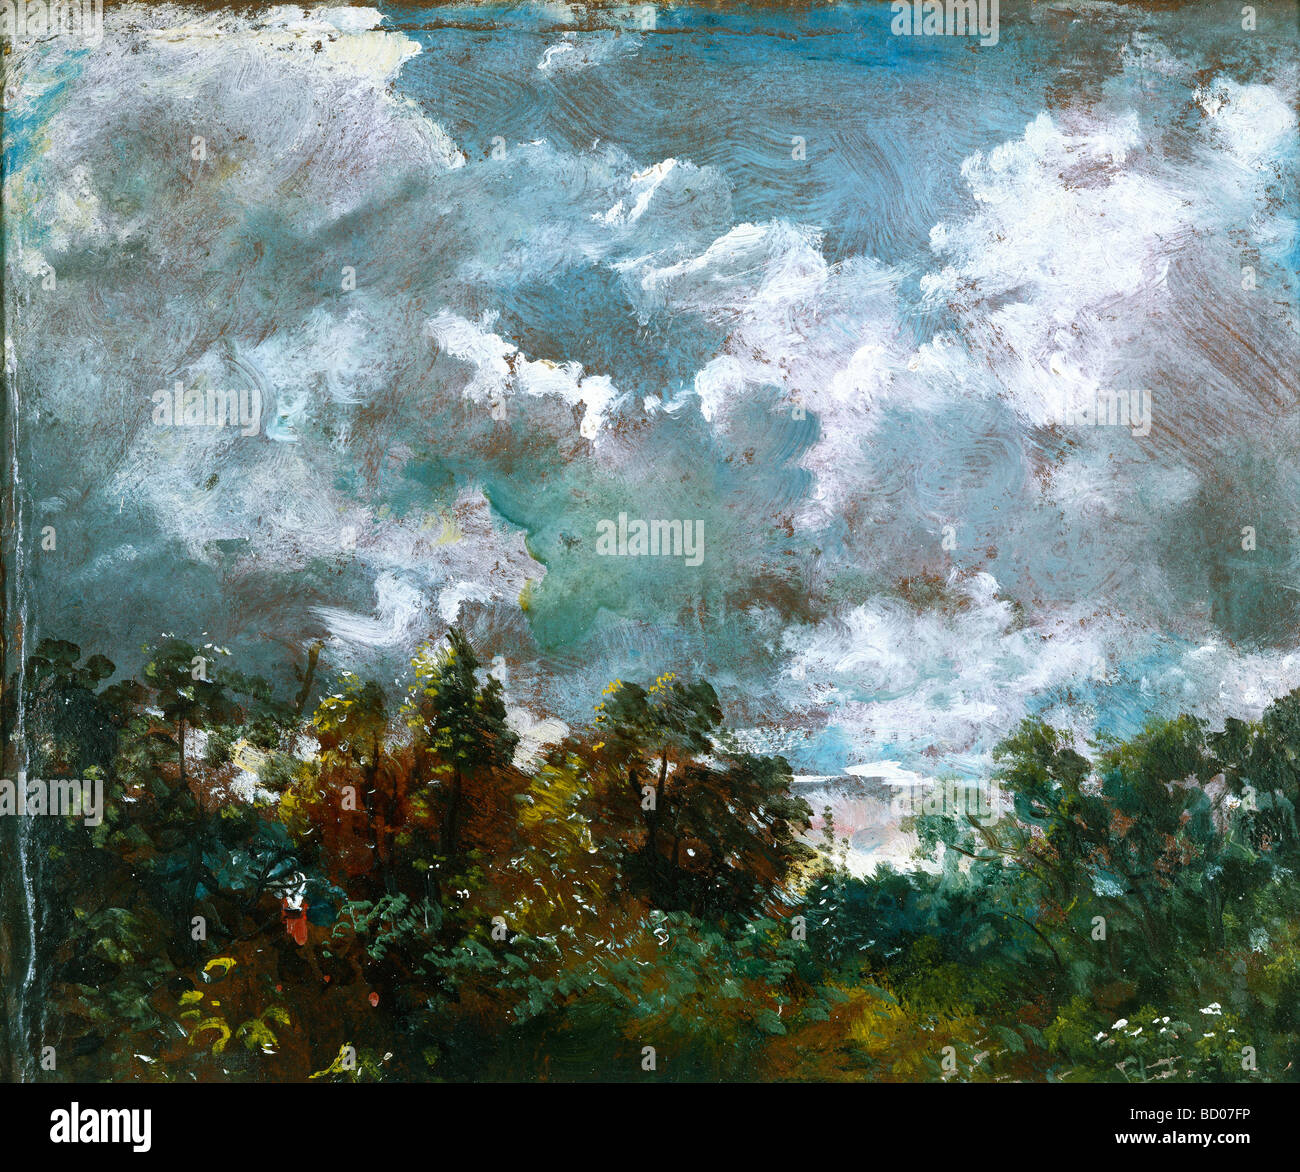 Lo studio del cielo e alberi, da John Constable. Londra, Inghilterra, 1821-22 Immagini Stock